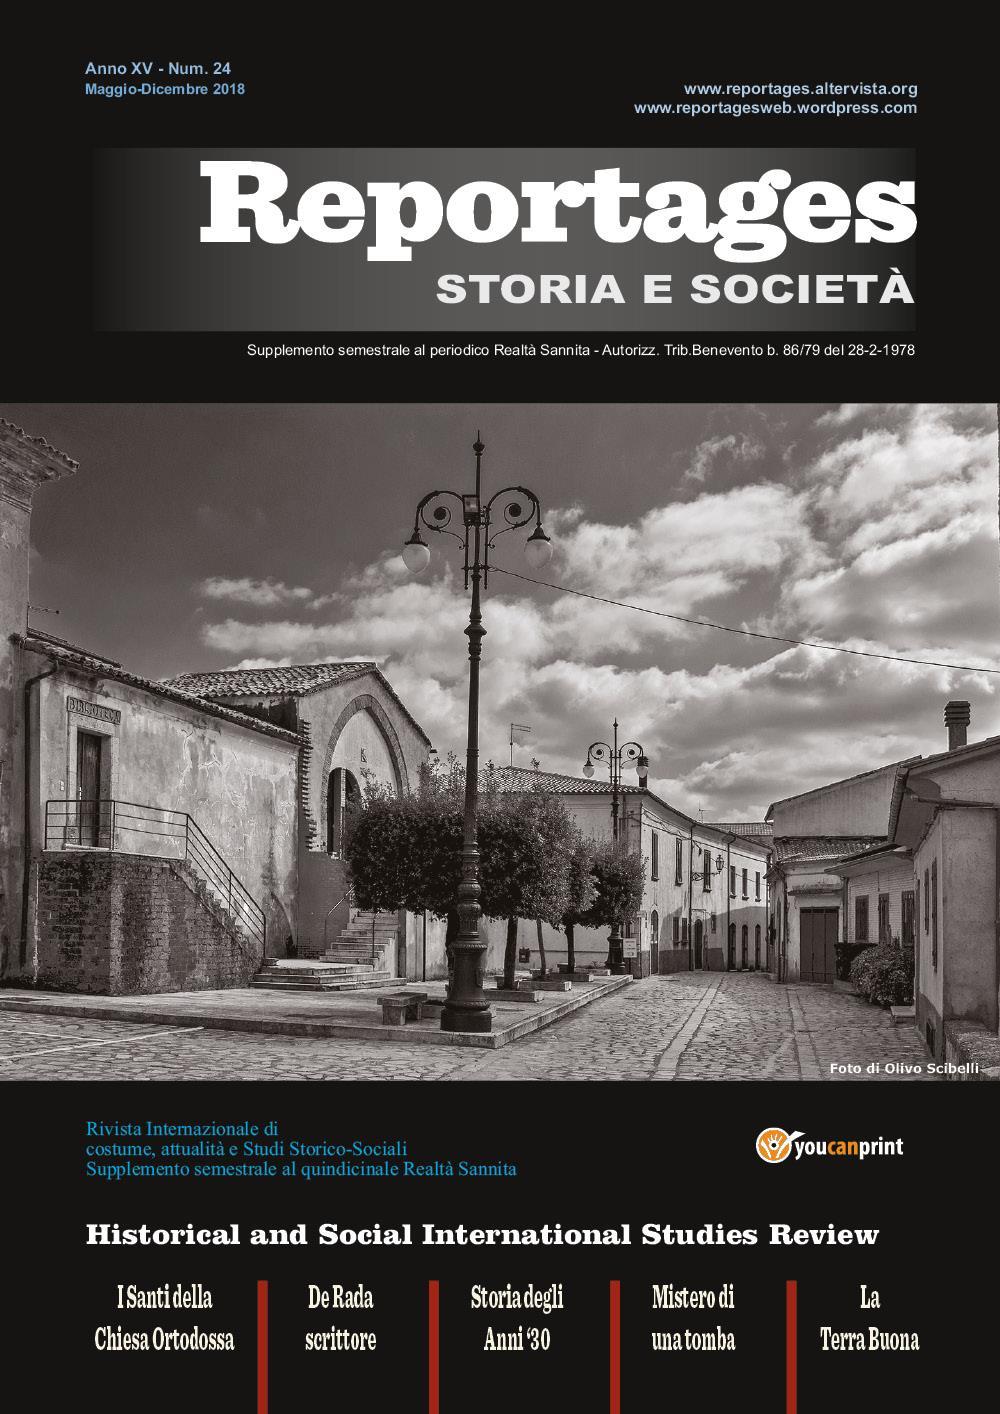 Reportages Storia & Società numero 24